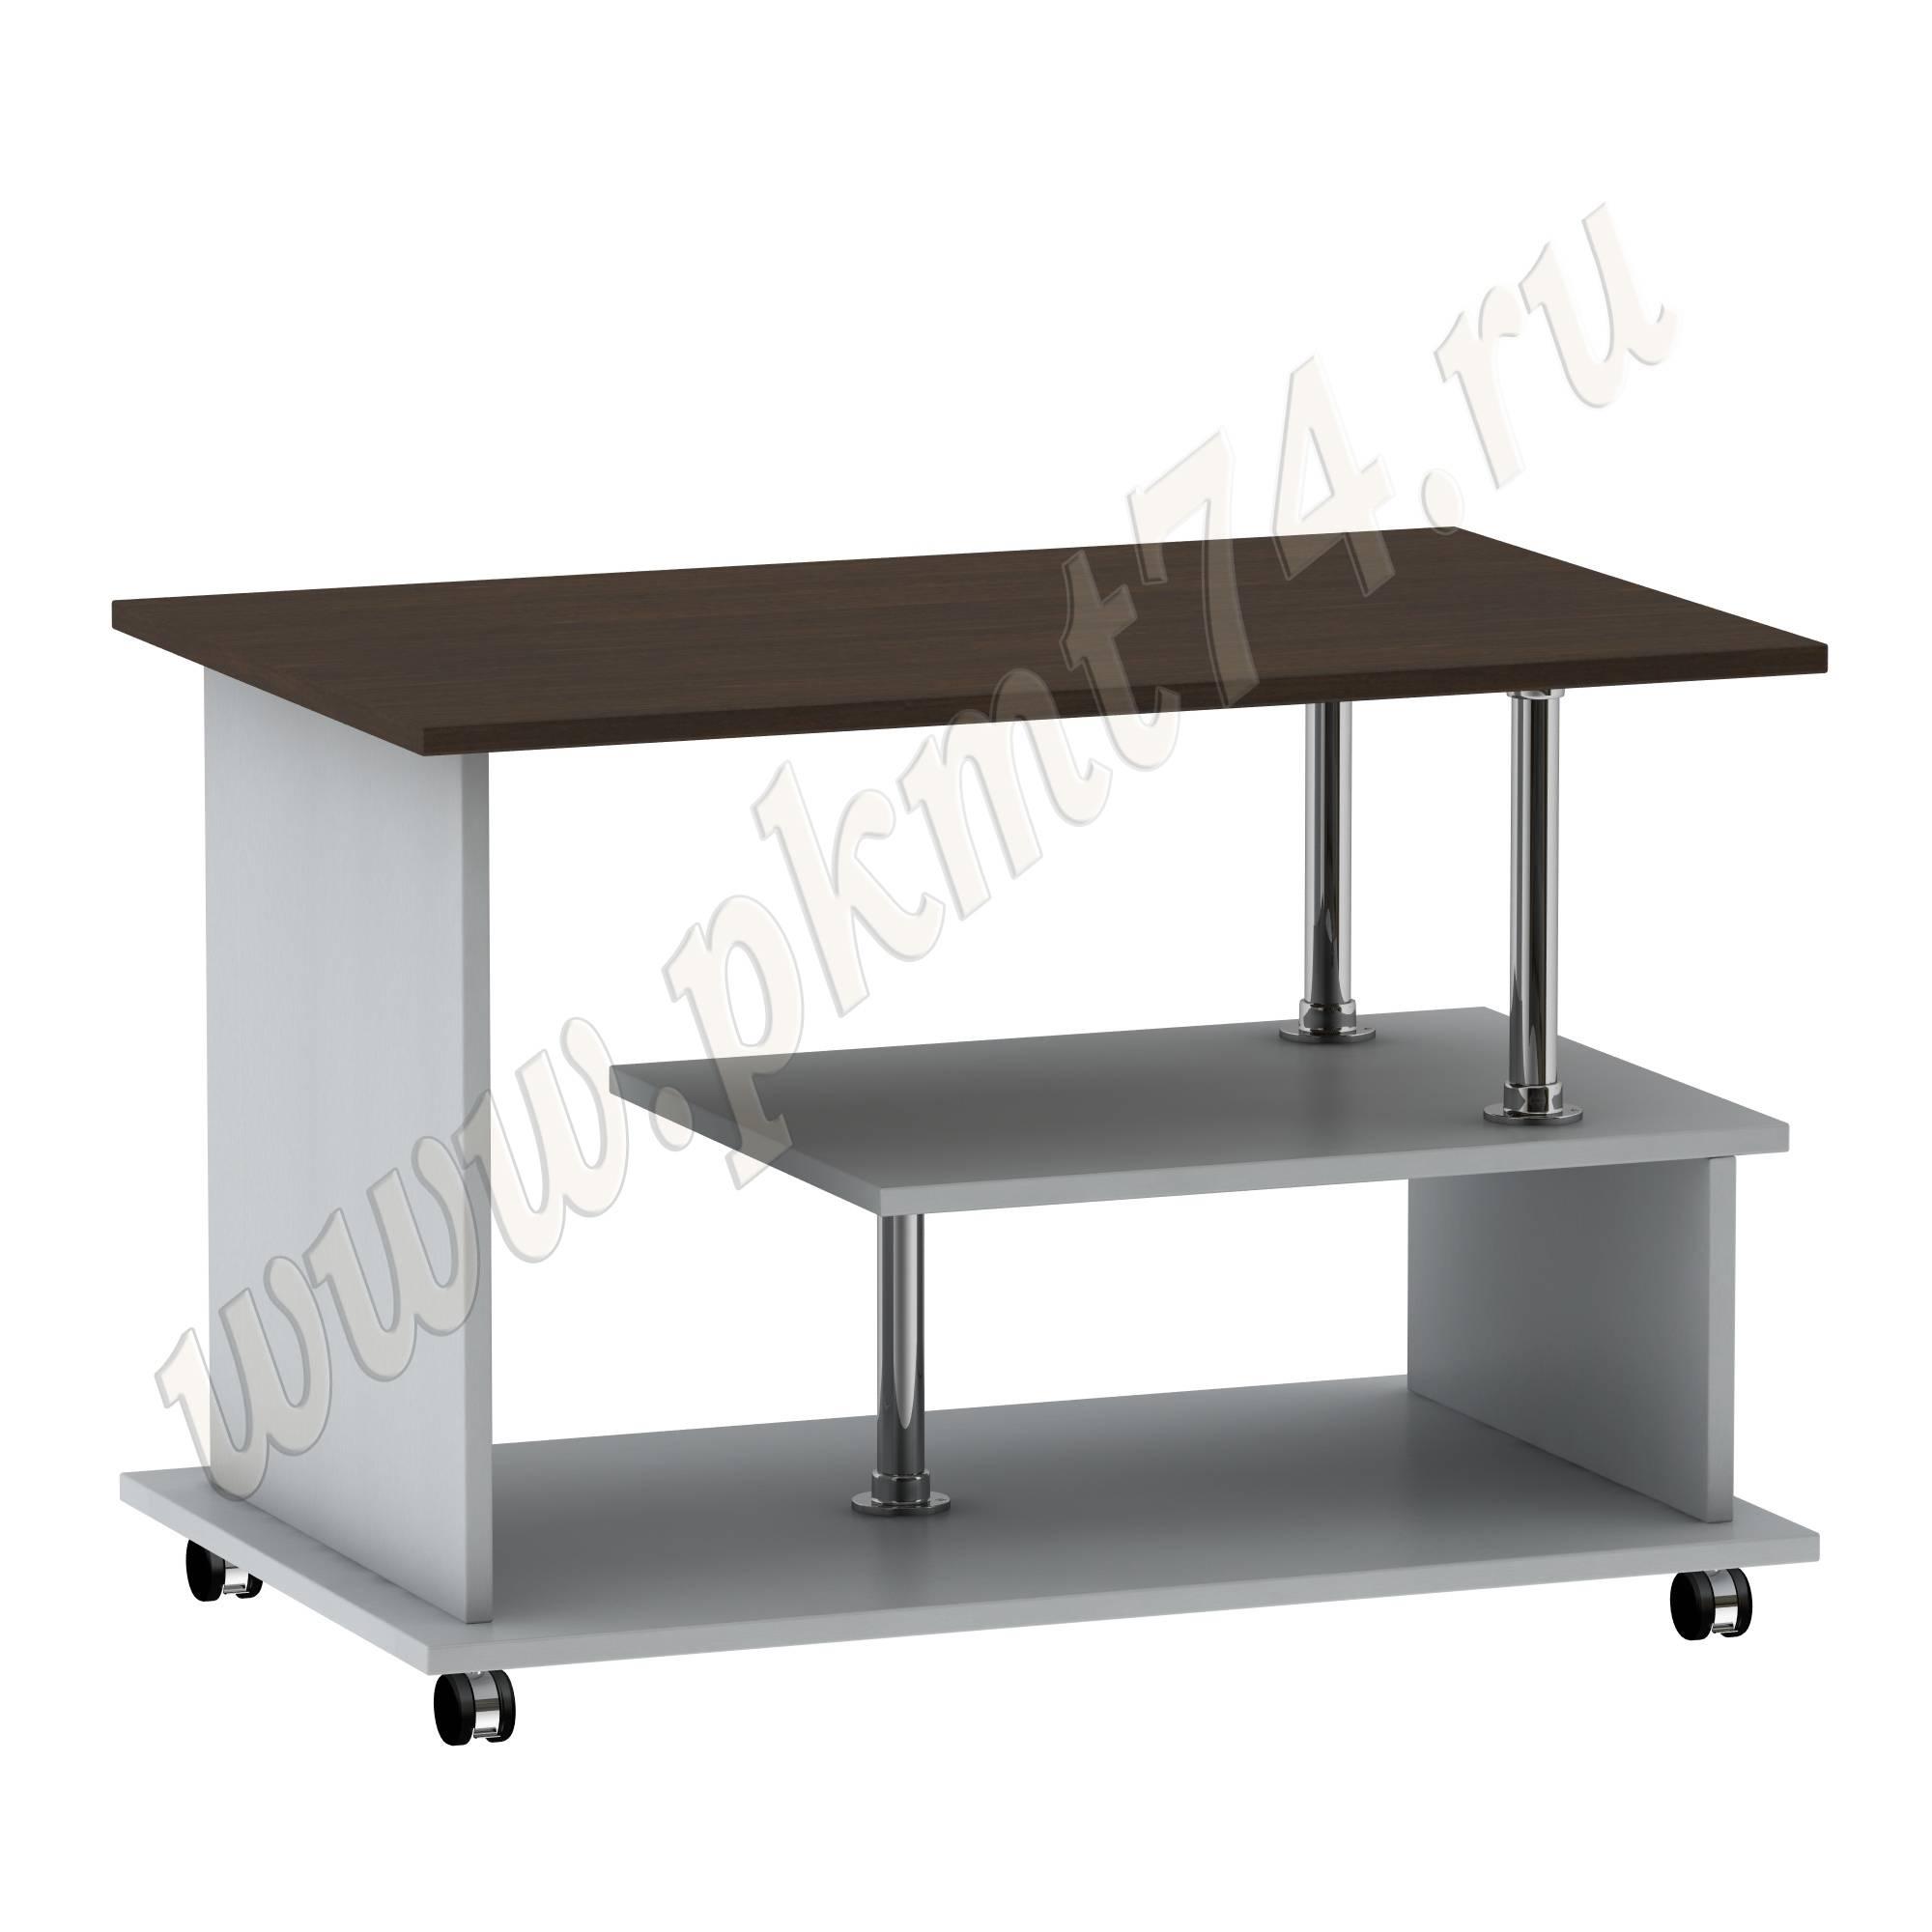 Журнальный стол G [Стандартный цвет:: Орех; Цвета ЛДСП на выбор:: Алюминий-Венге]